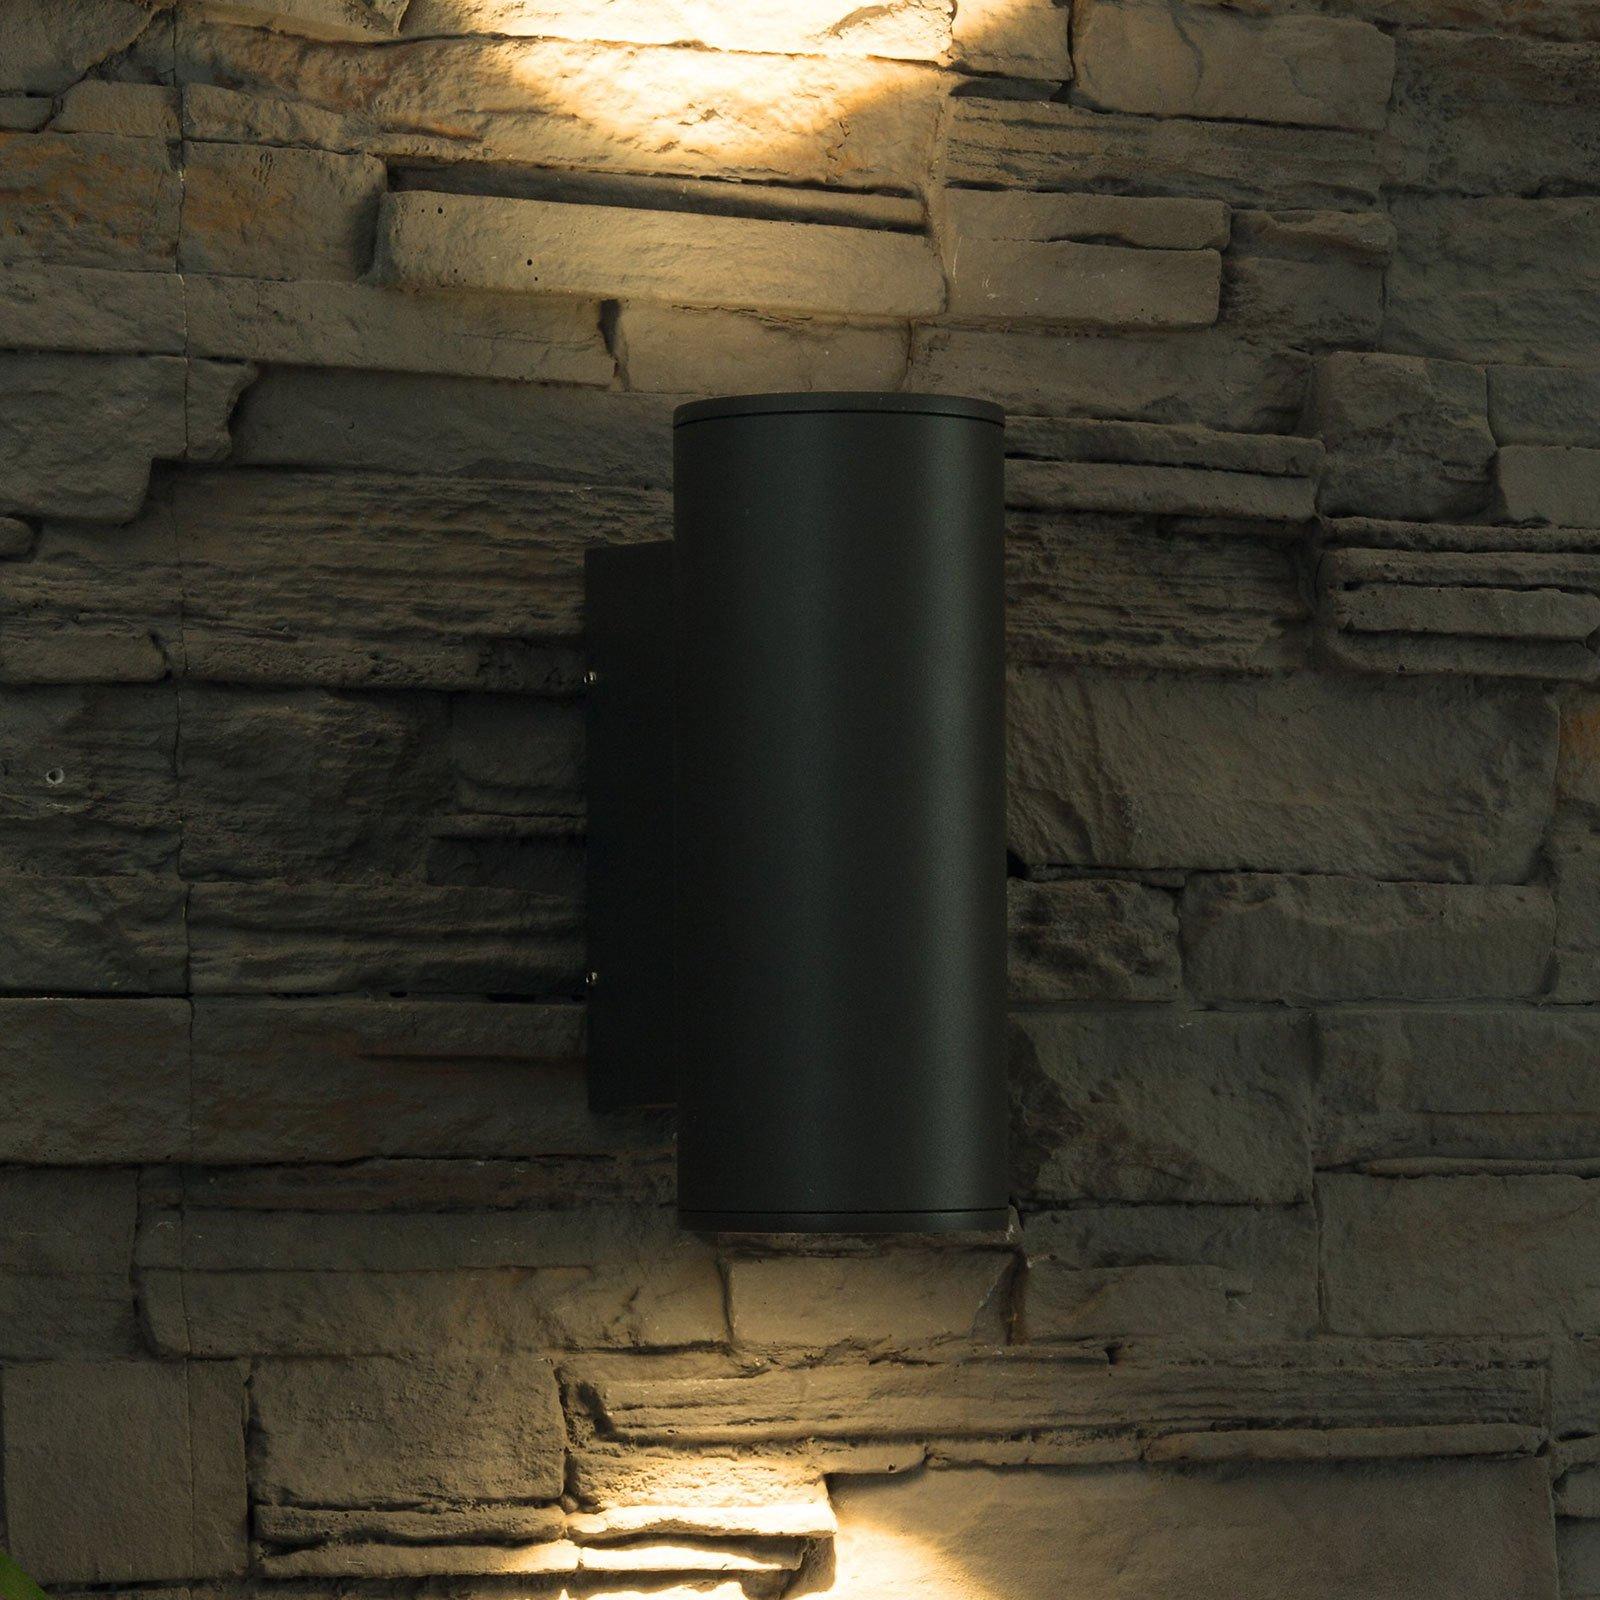 Utendørs LED-vegglampe Doble, rund, up-and-down